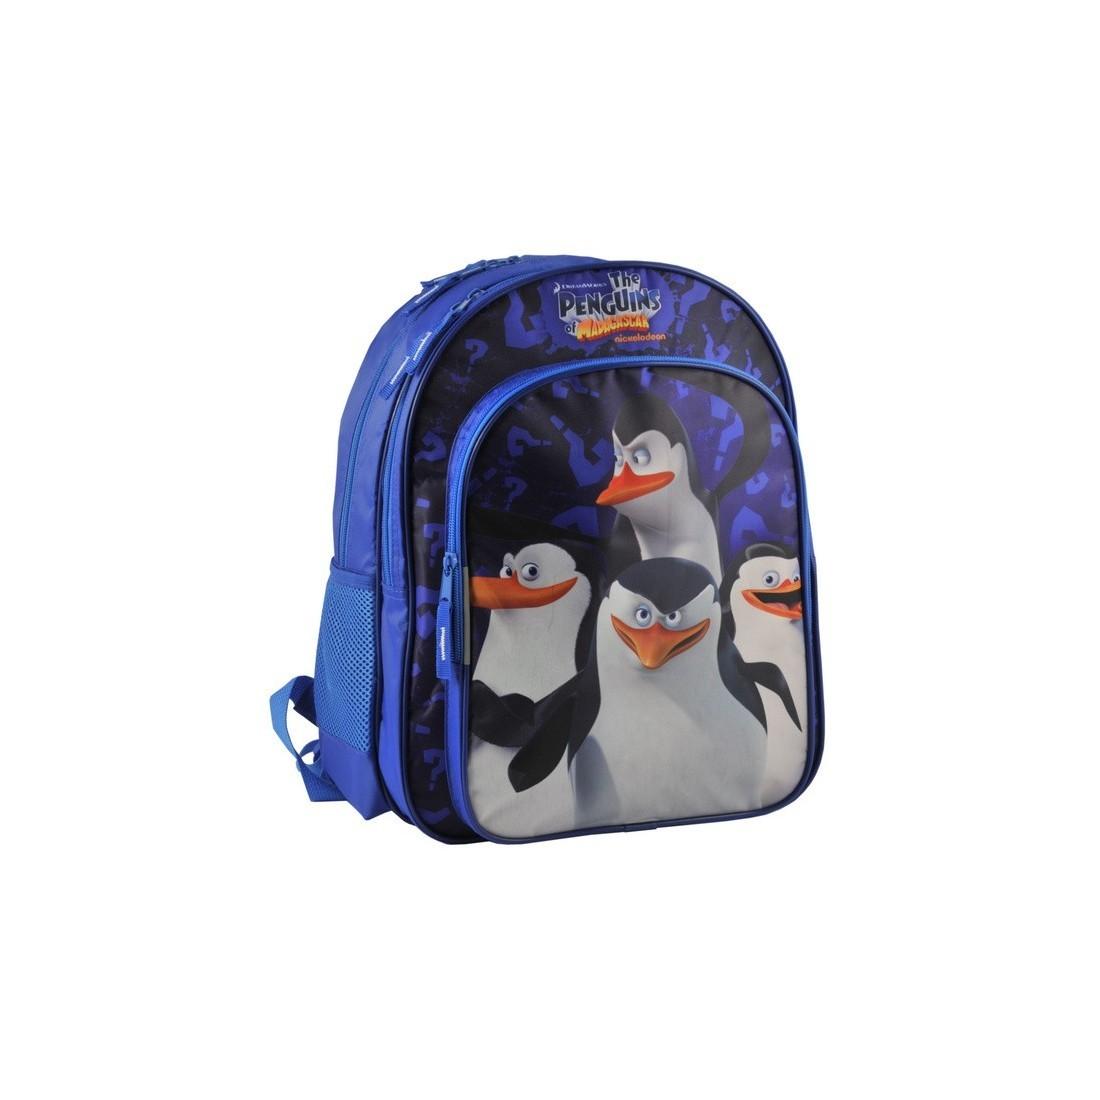 Plecak Pingwiny z Madagaskaru granatowy - plecak-tornister.pl